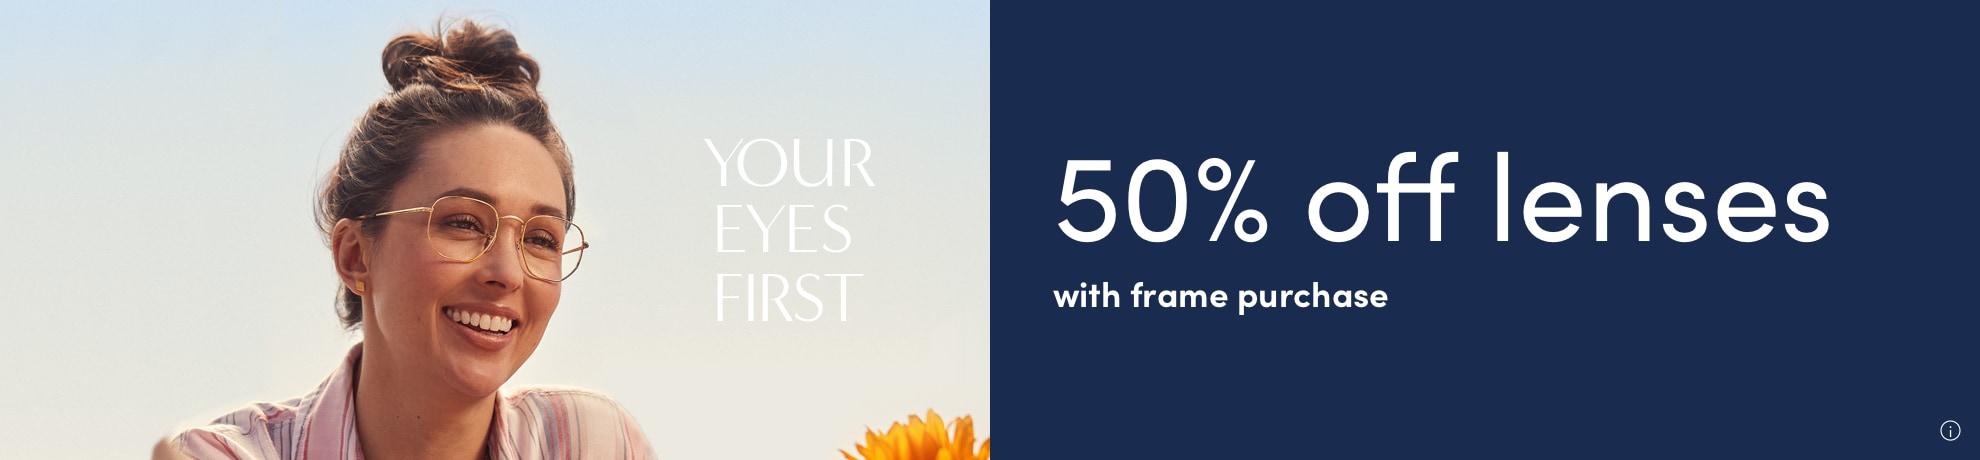 50% off lenses banner